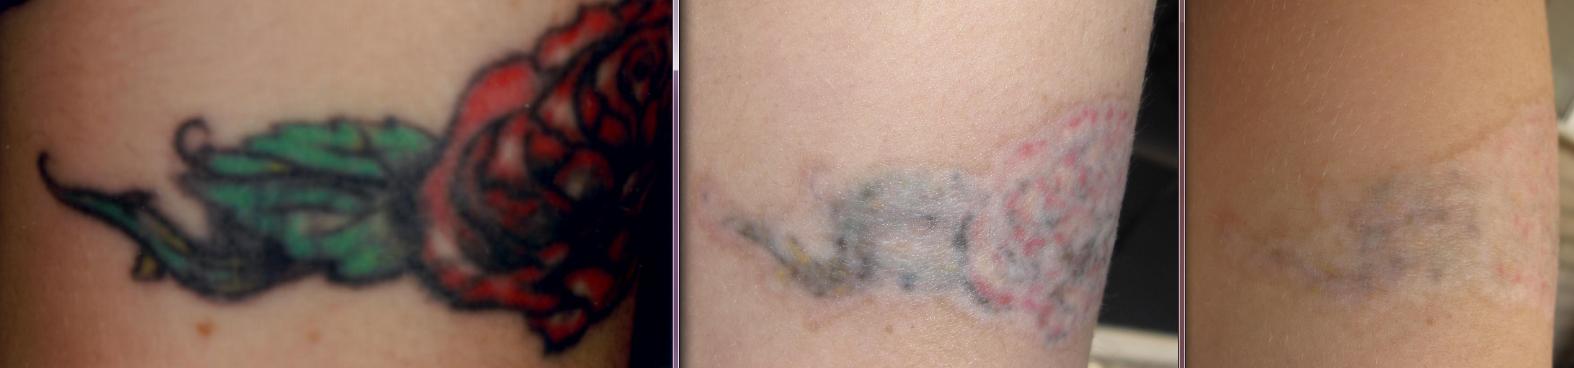 Tattoo Removal Process